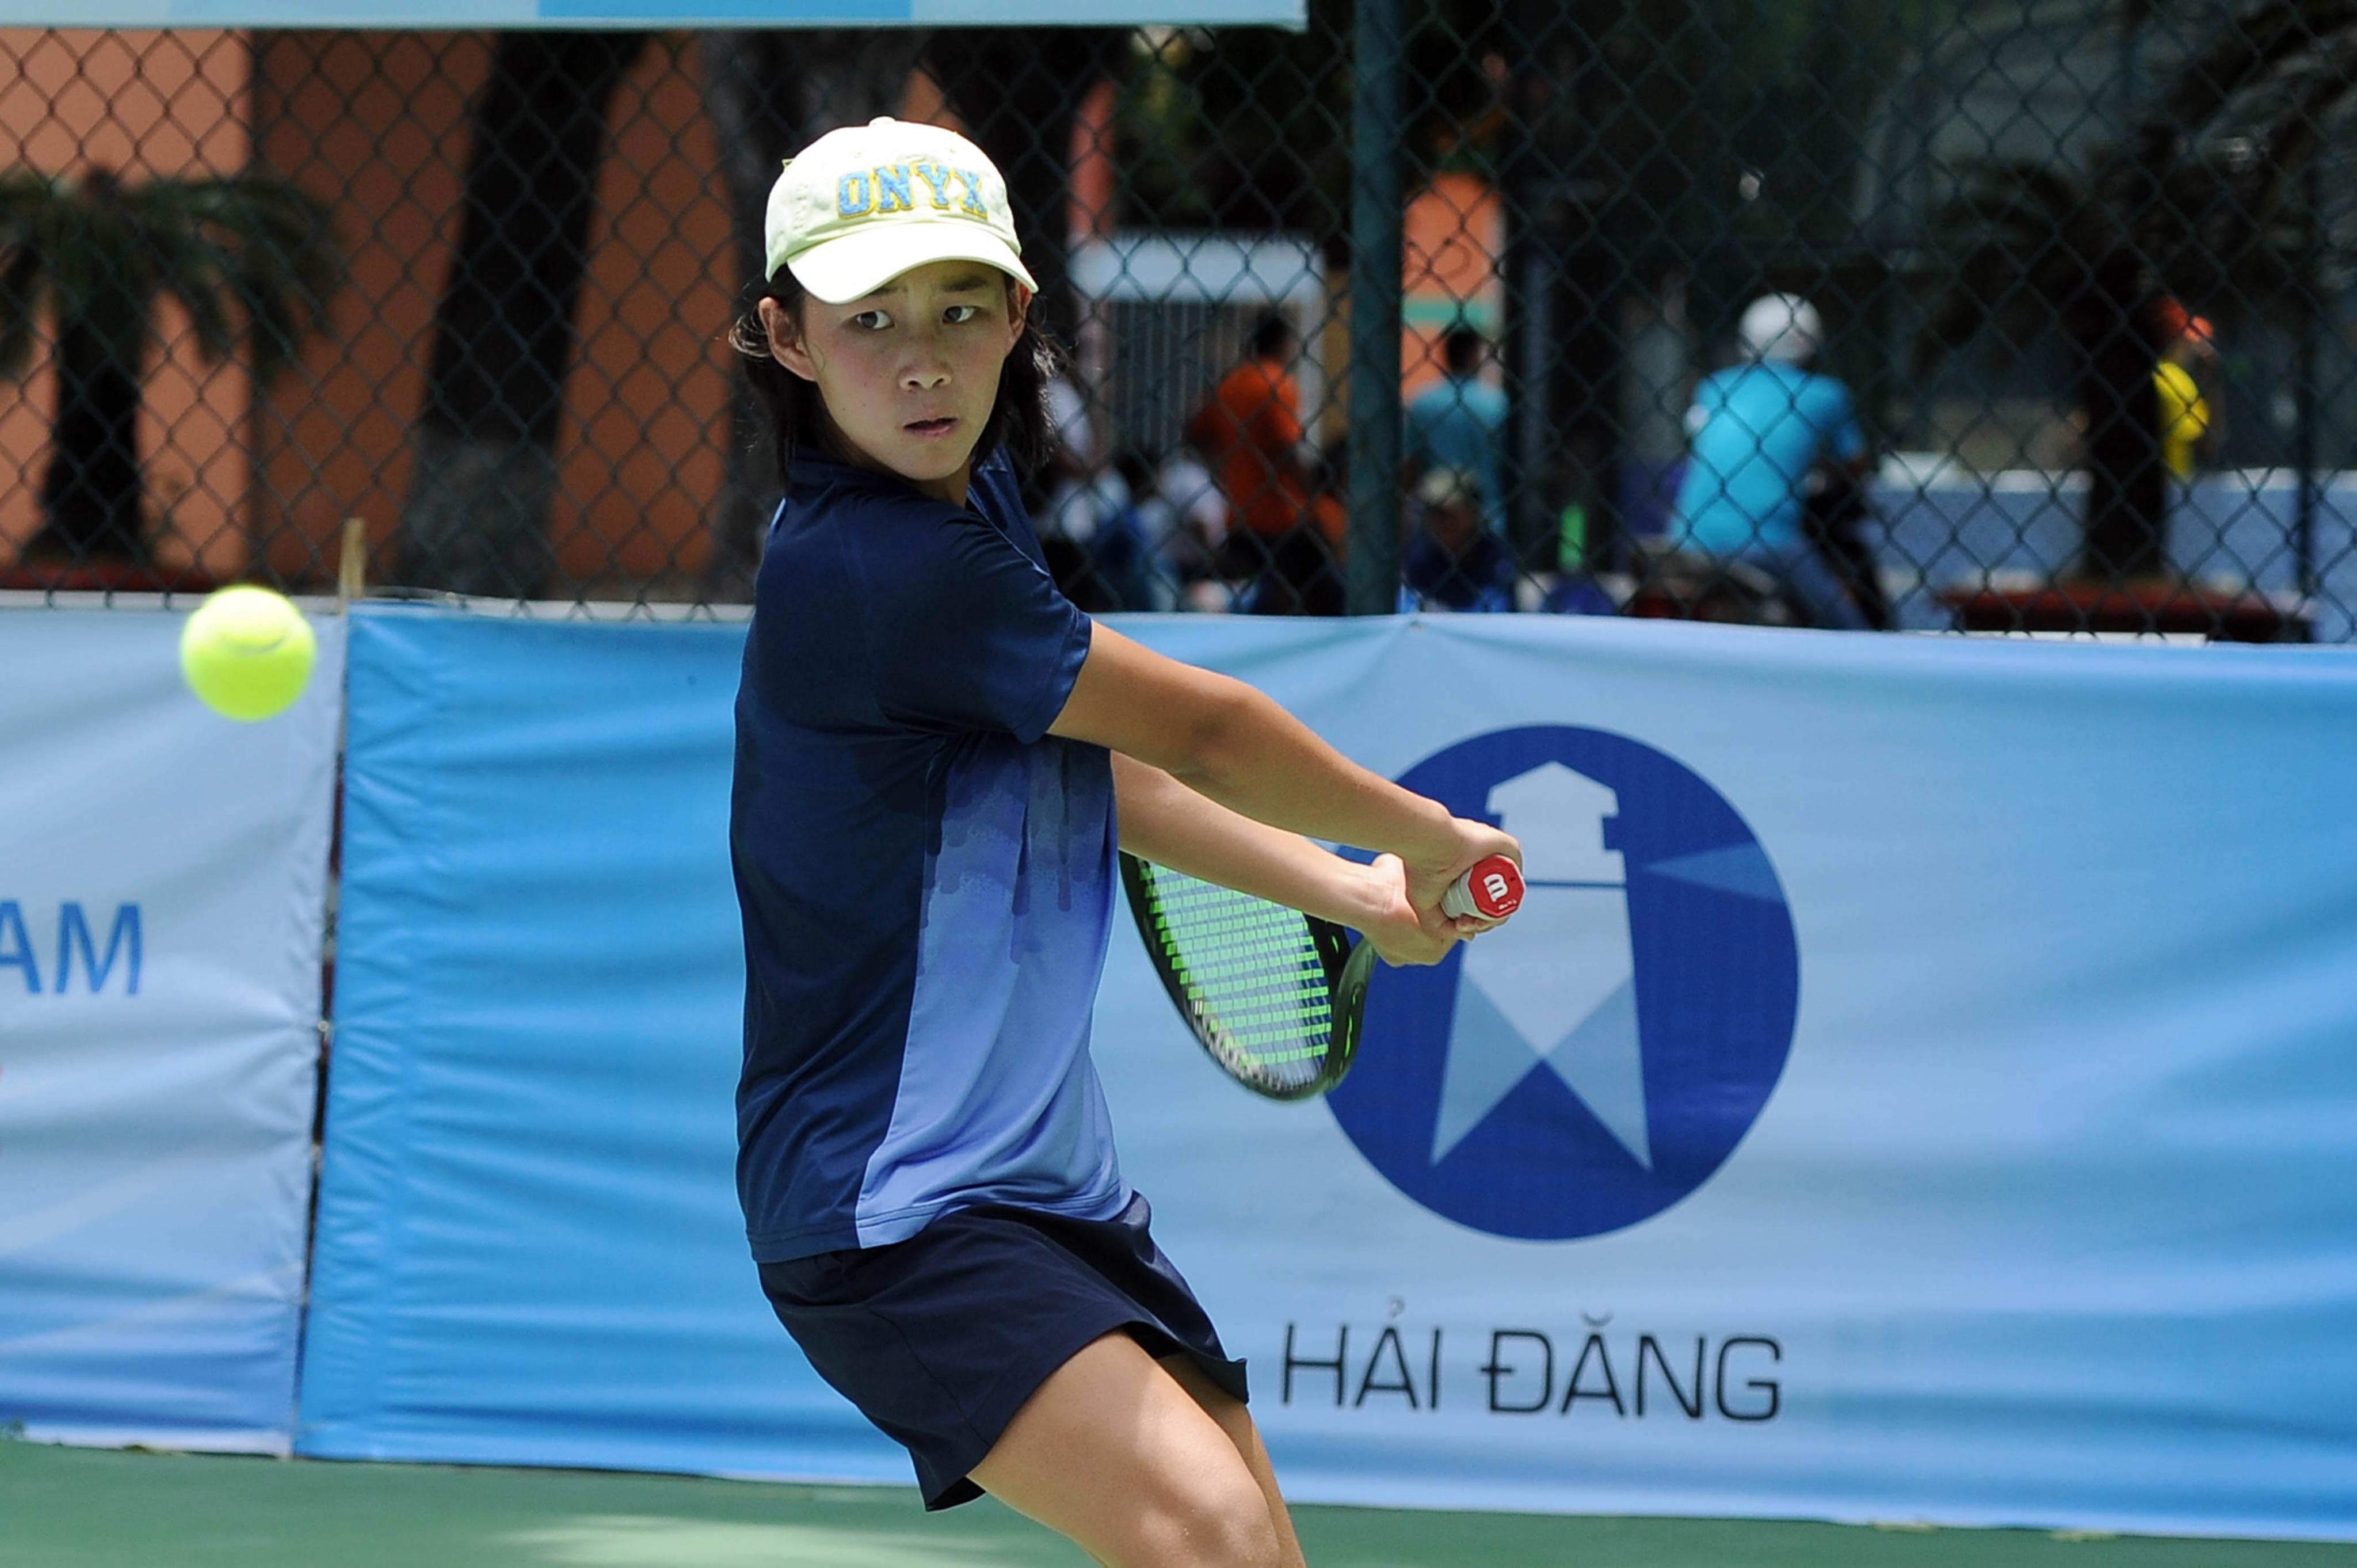 Ngô Hồng Hạnh – Tài năng sáng giá của quần vợt nữ Việt Nam